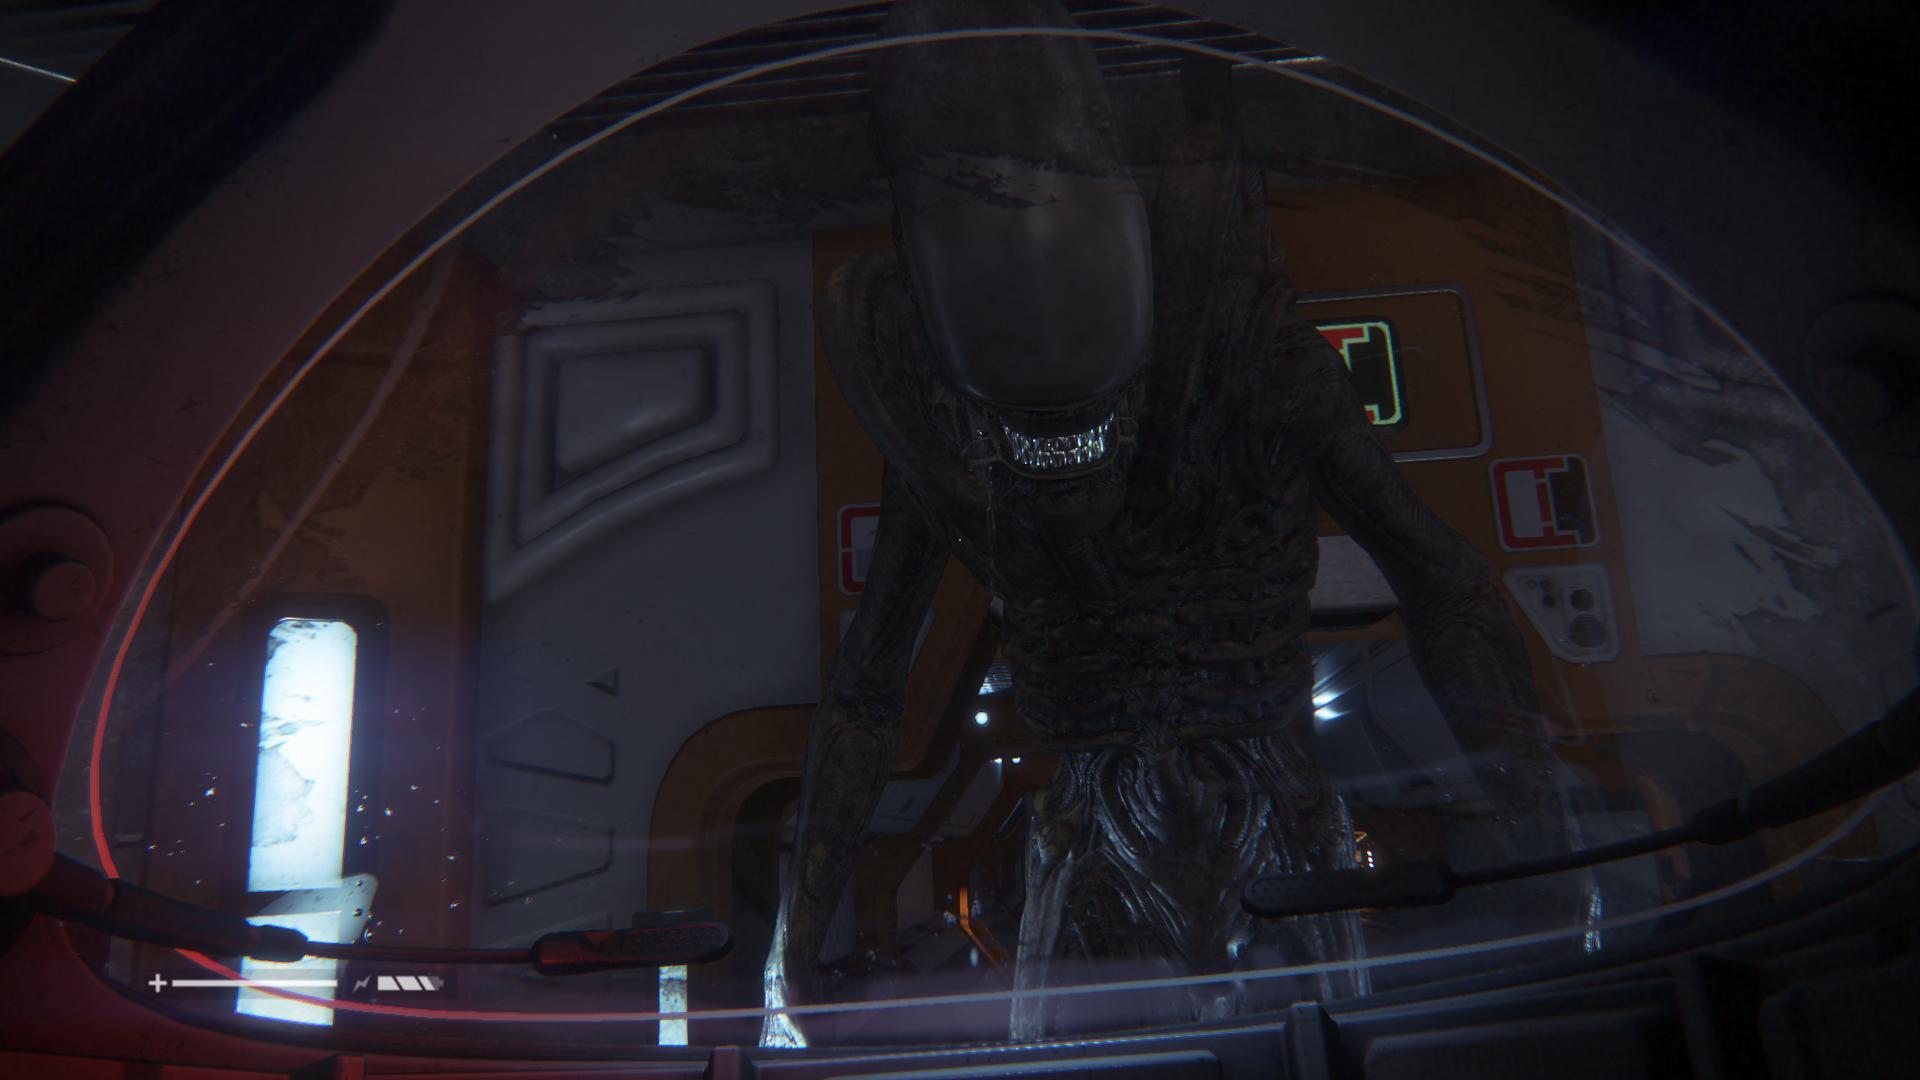 AI 2021-06-09 22-13-55-56.jpg - Alien: Isolation